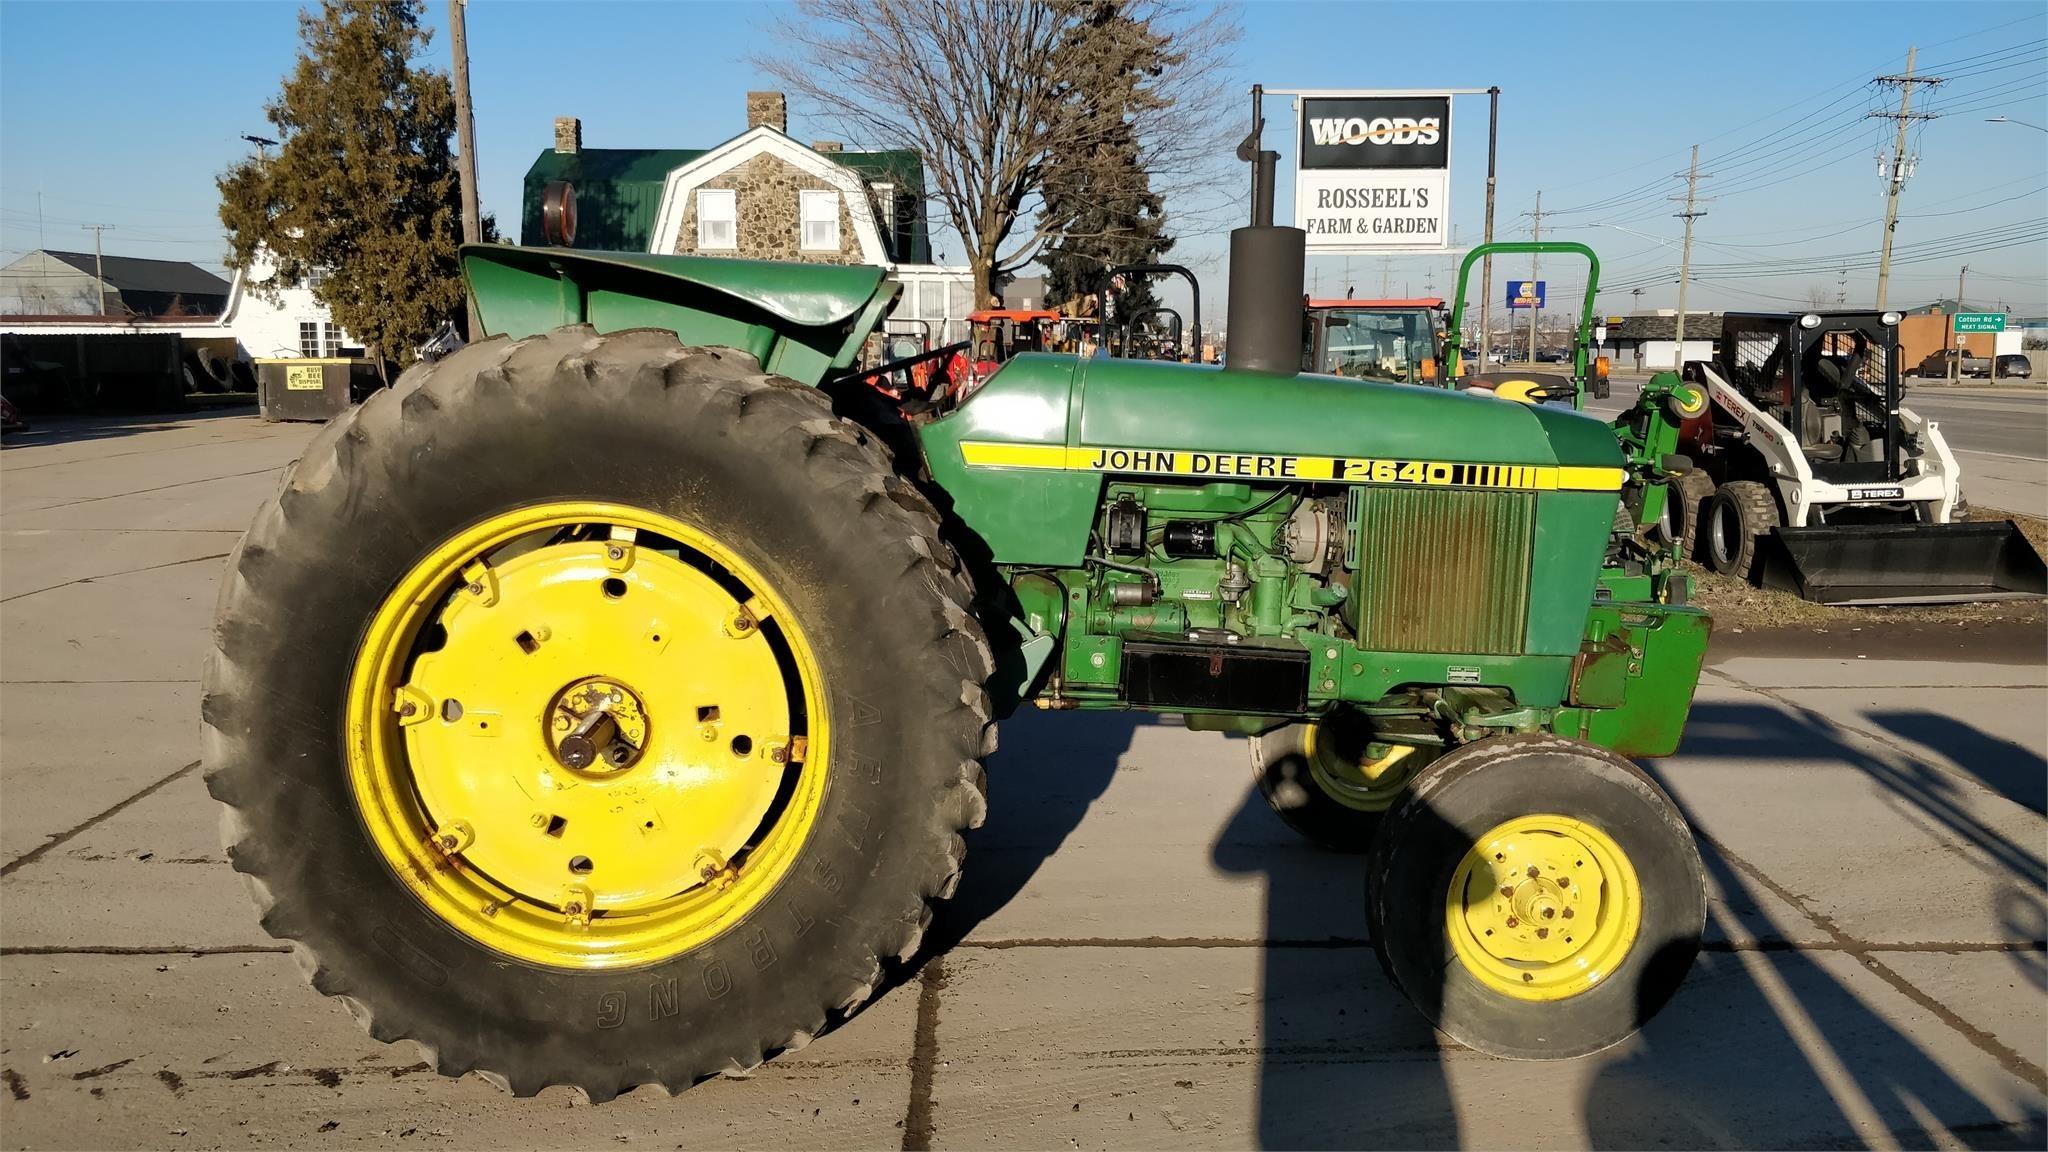 1981 John Deere 2640 Tractor